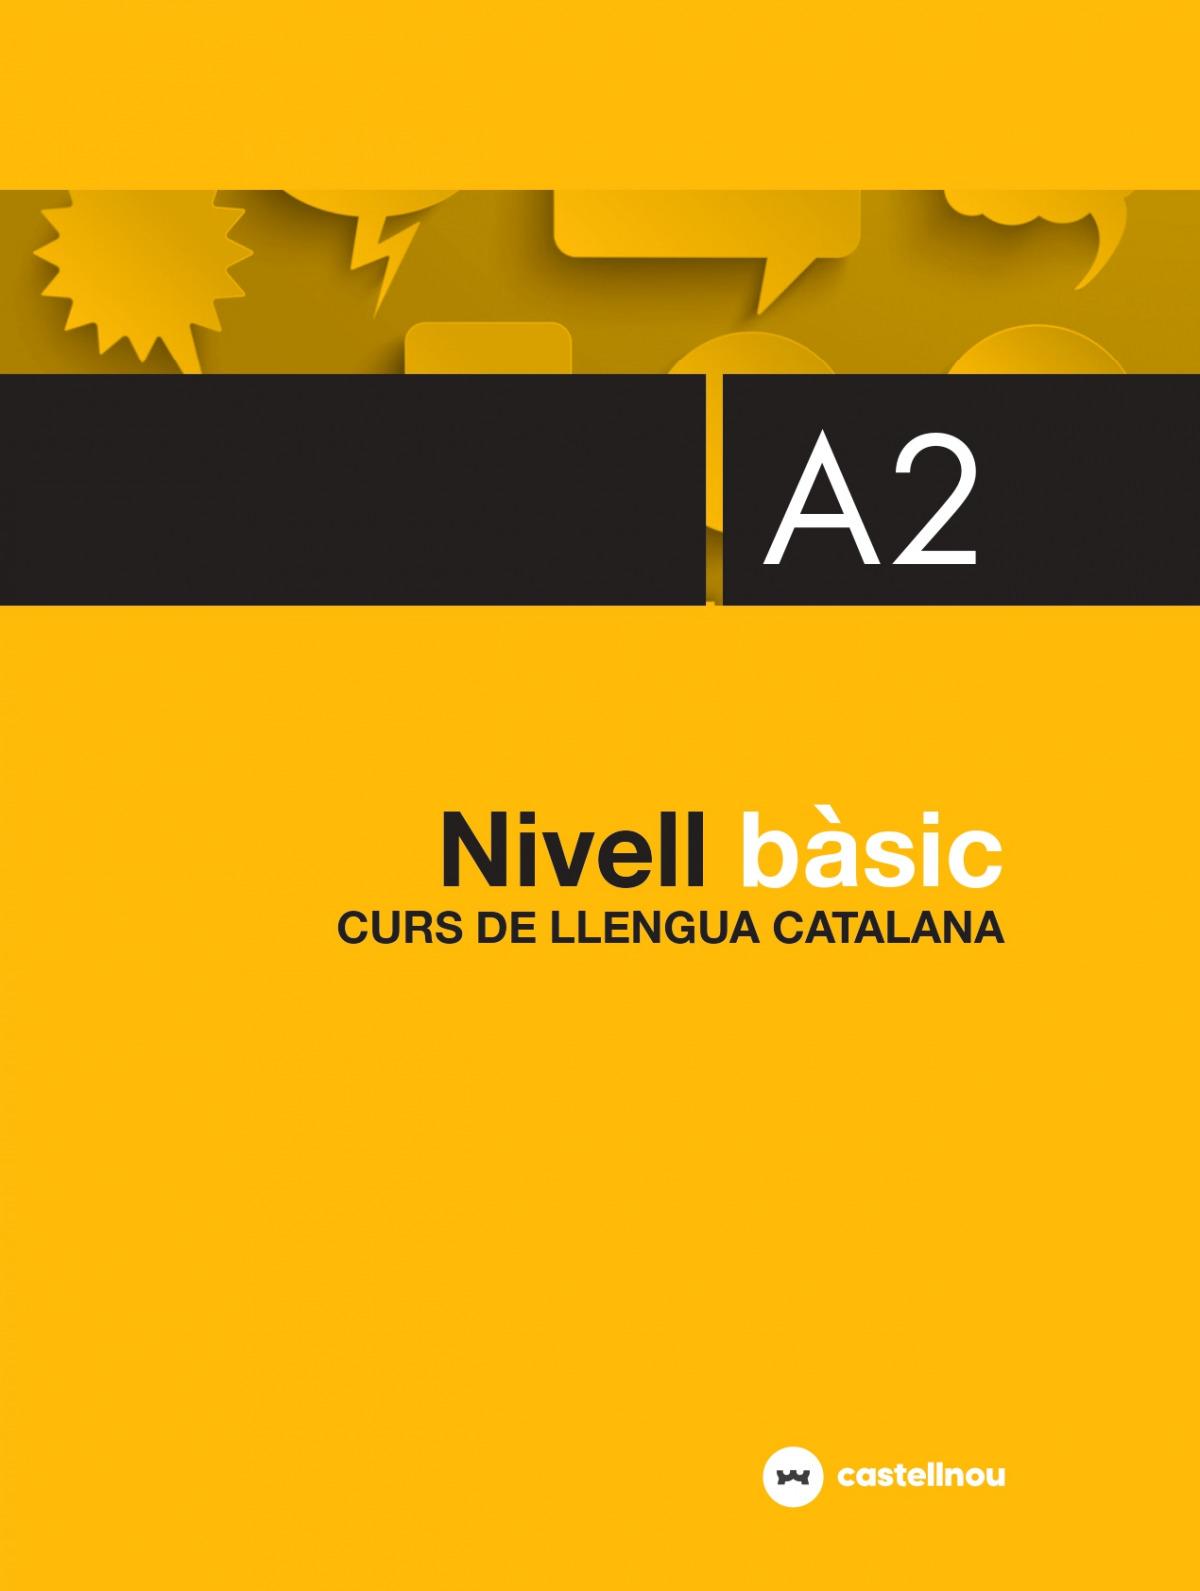 Nivell bàsic A2